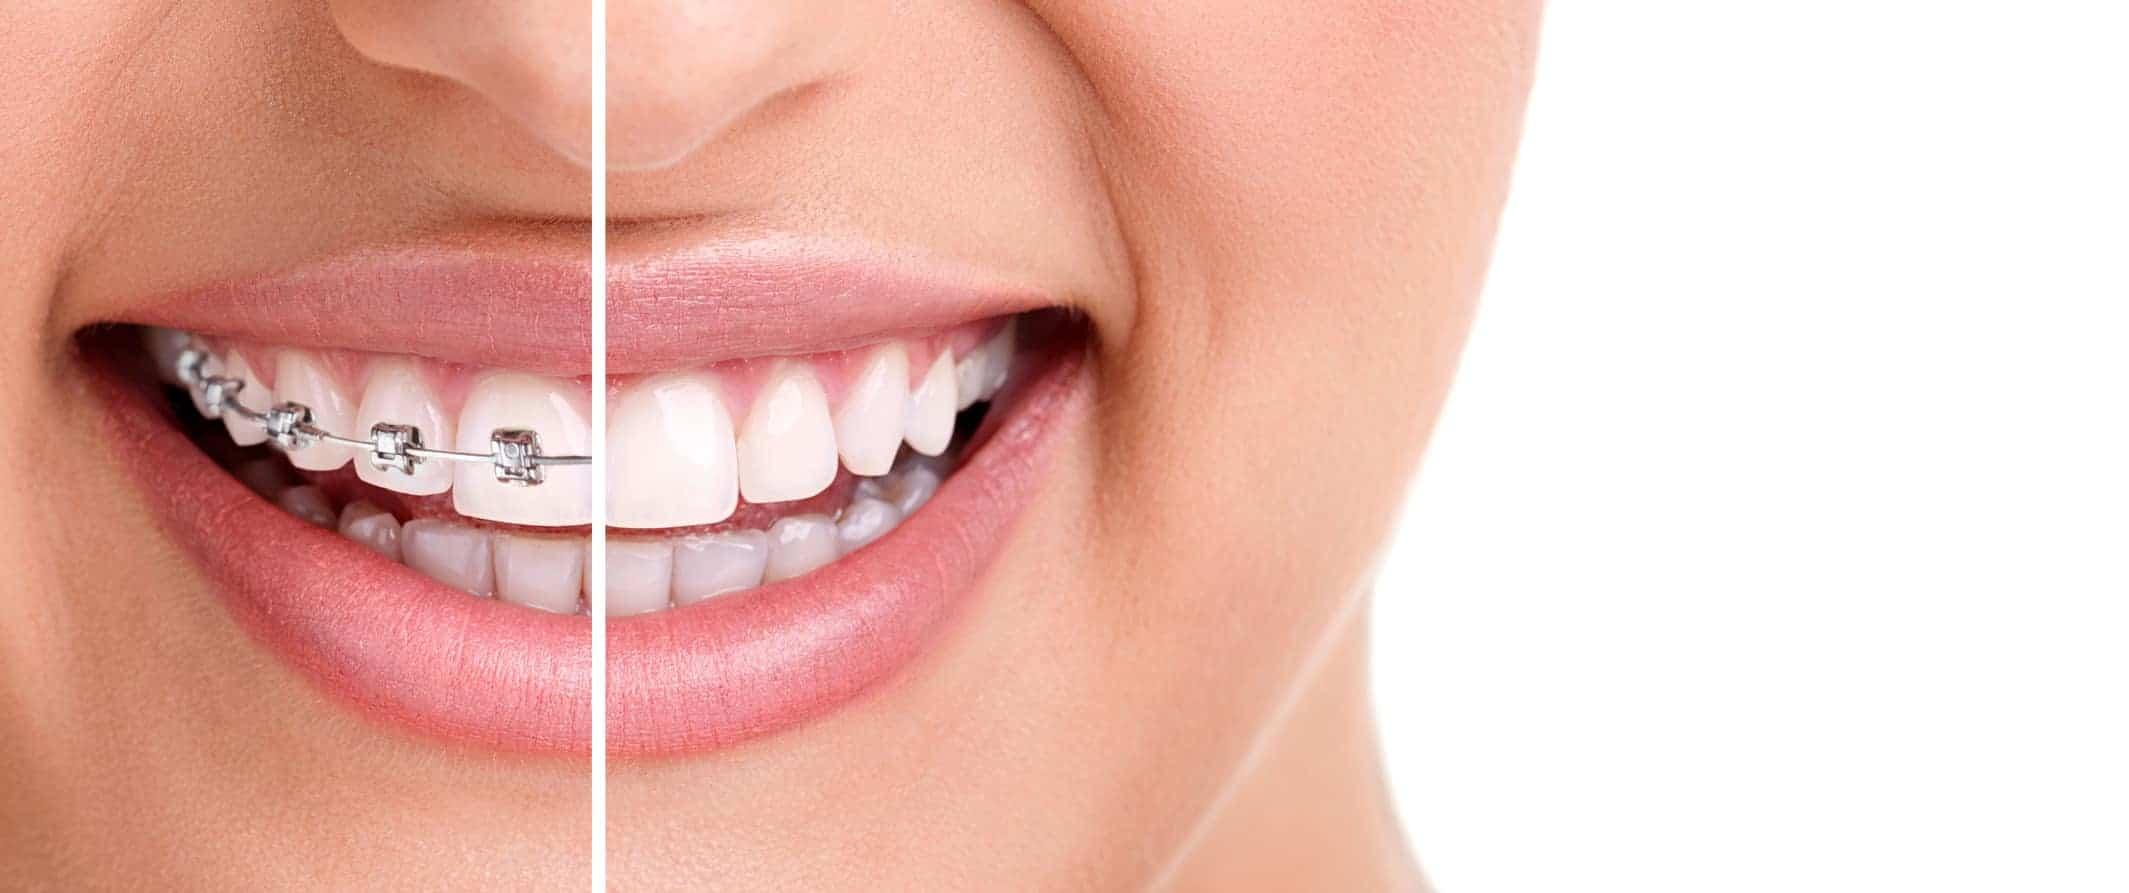 Tipos de ortodoncia - Clínica Dental en Valencia Benimaclet ARTDENTA